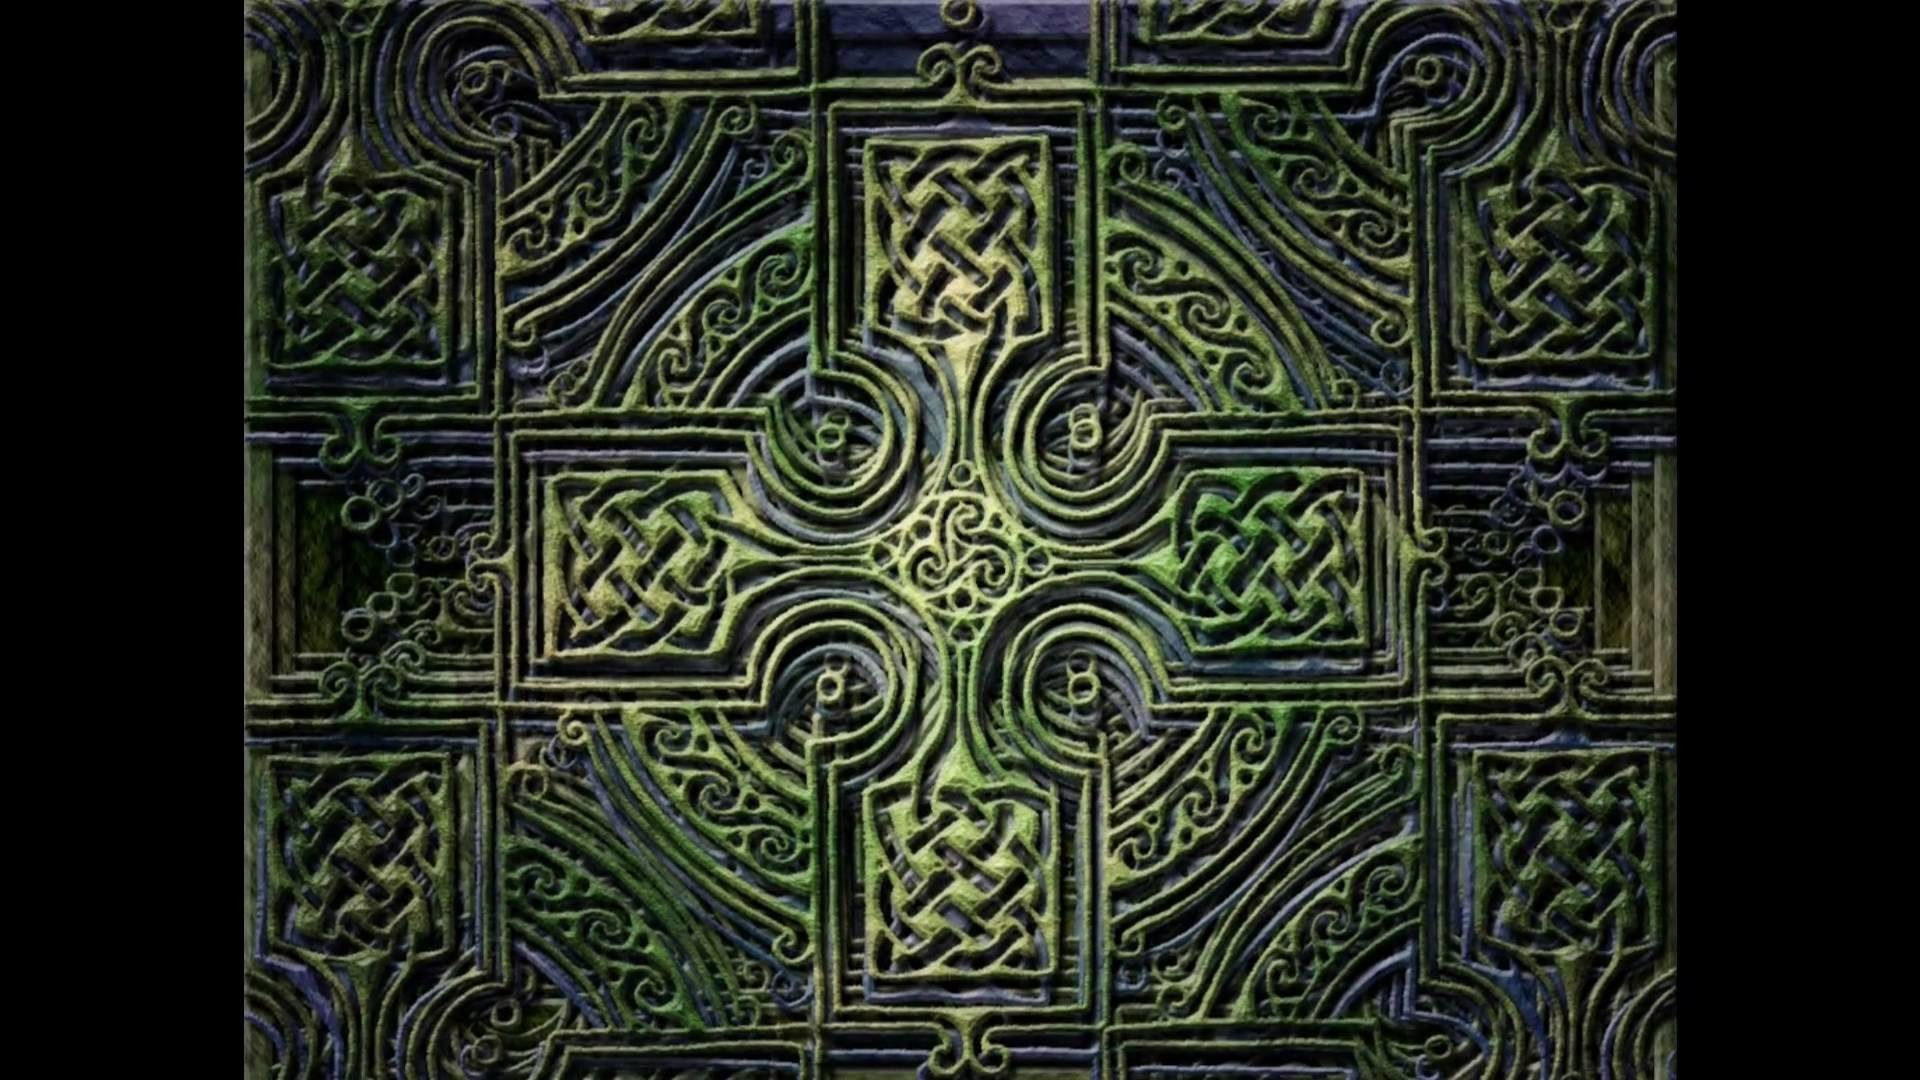 Celtic Symbol Wallpaper (44+ images)